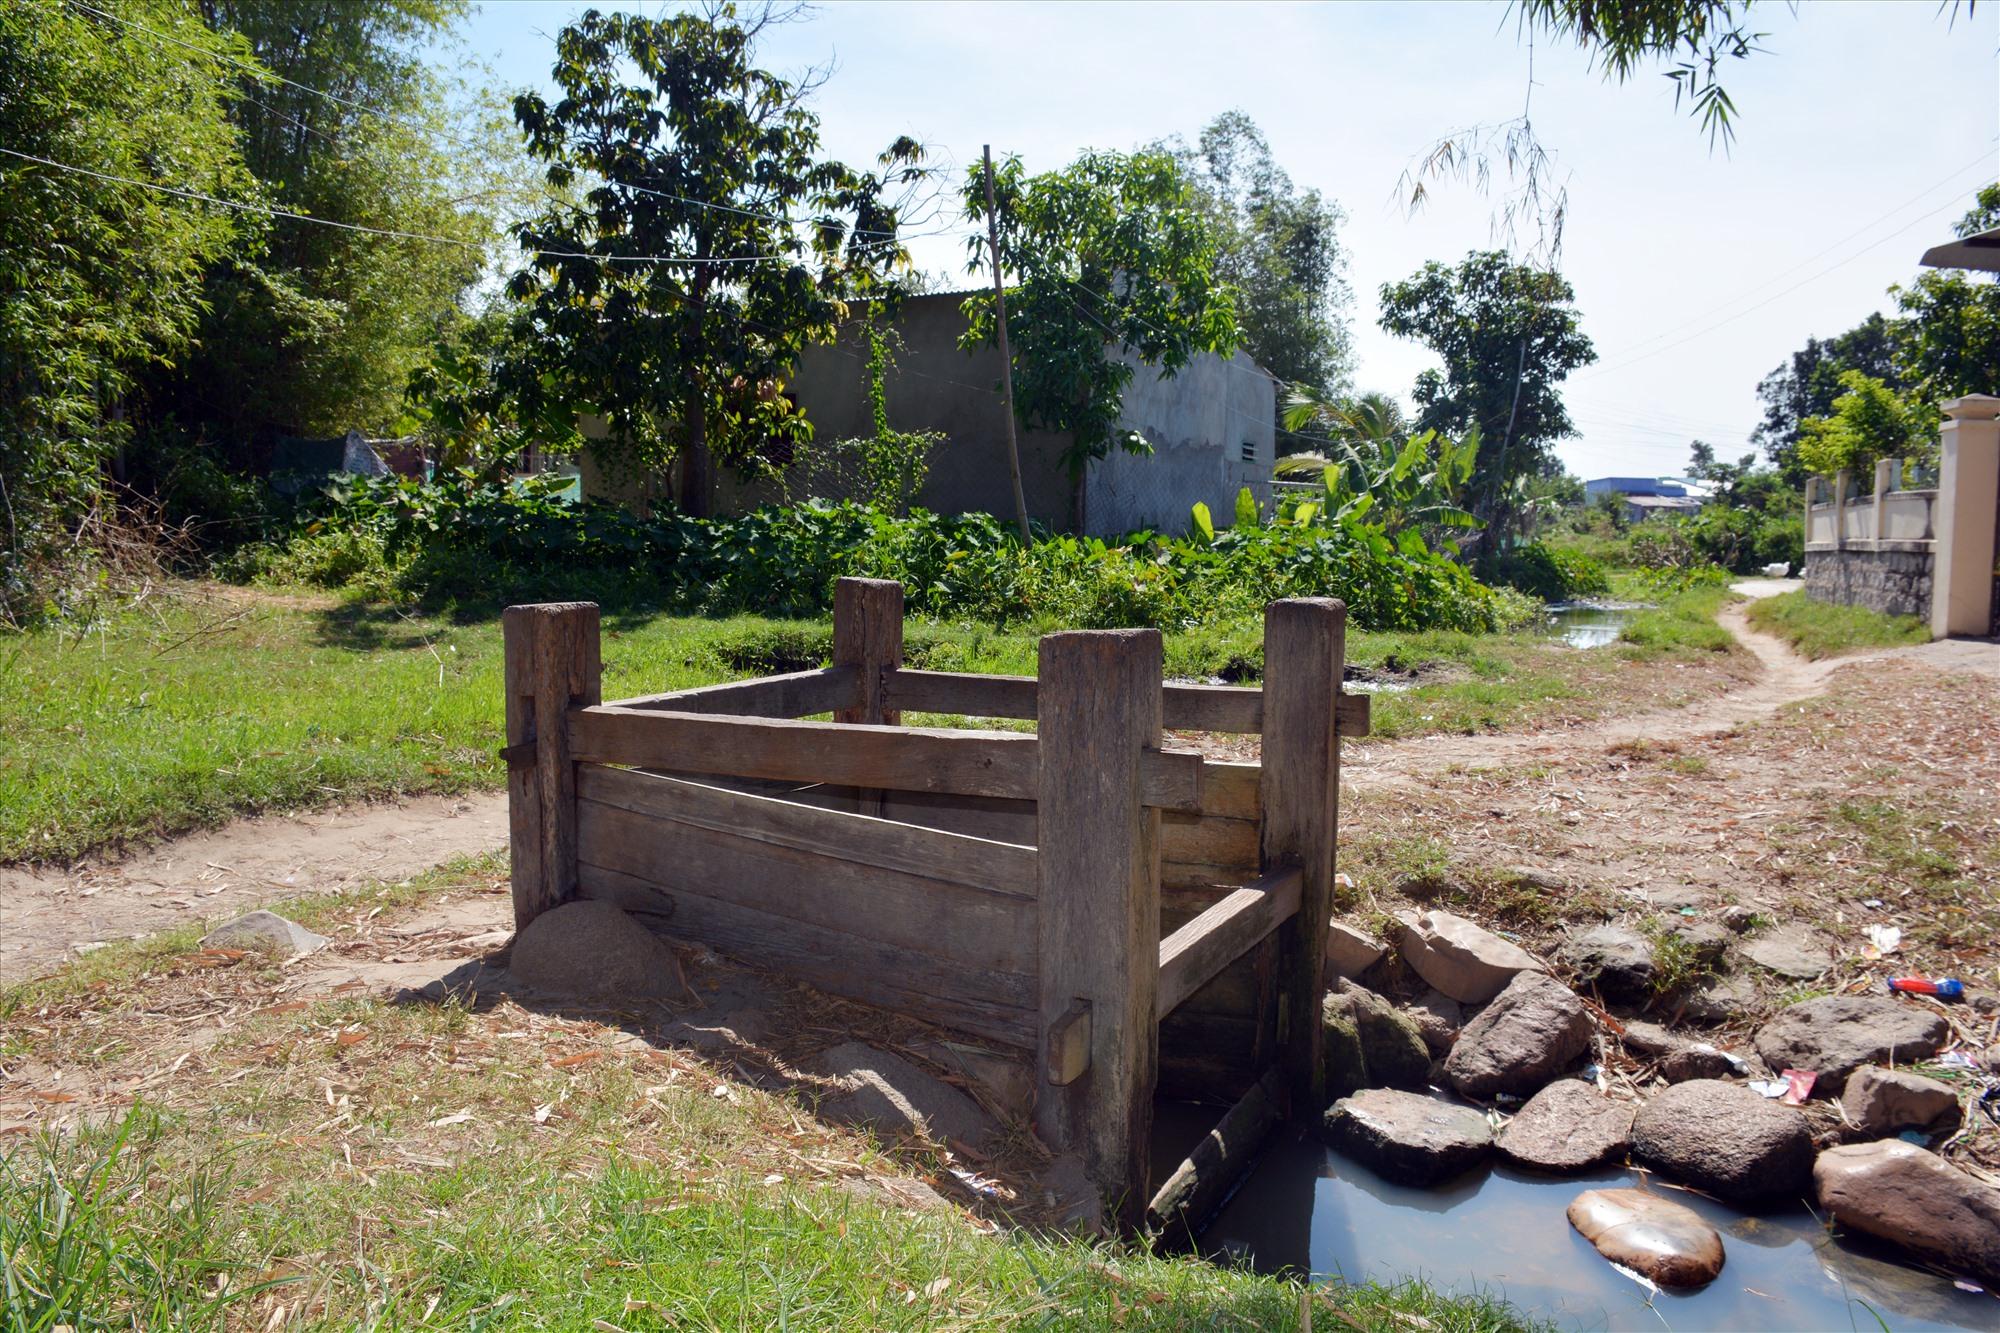 Giếng Chăm tại làng Chăm Thành Tín - Ninh Thuận. Ảnh: KIỀU MAILY